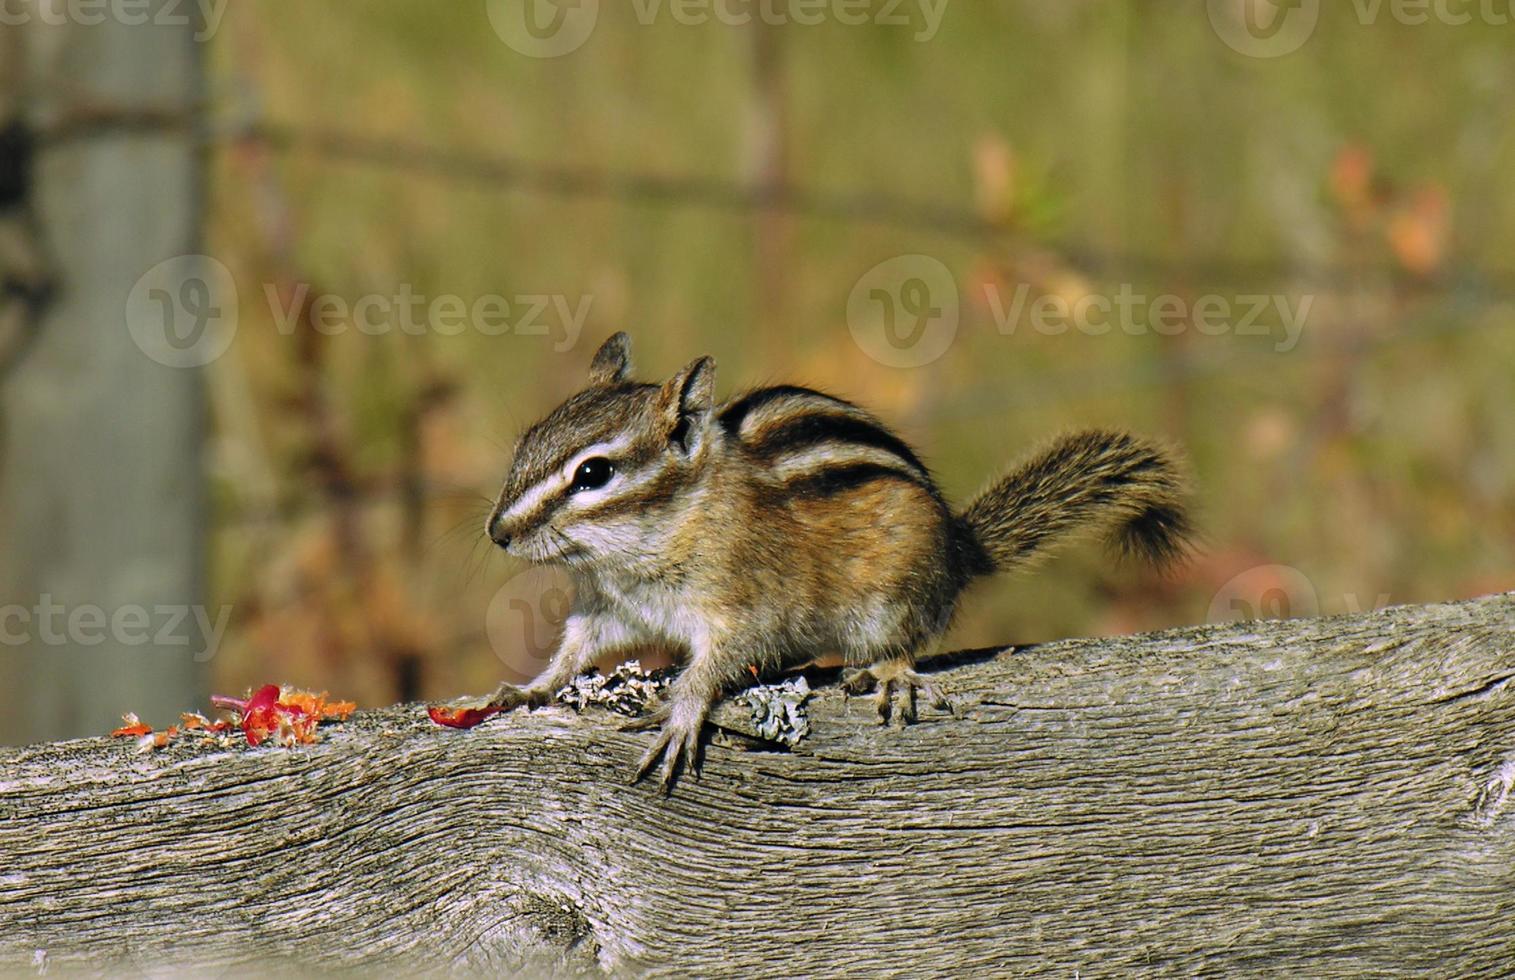 piccolo scoiattolo a terra scoiattolo foto